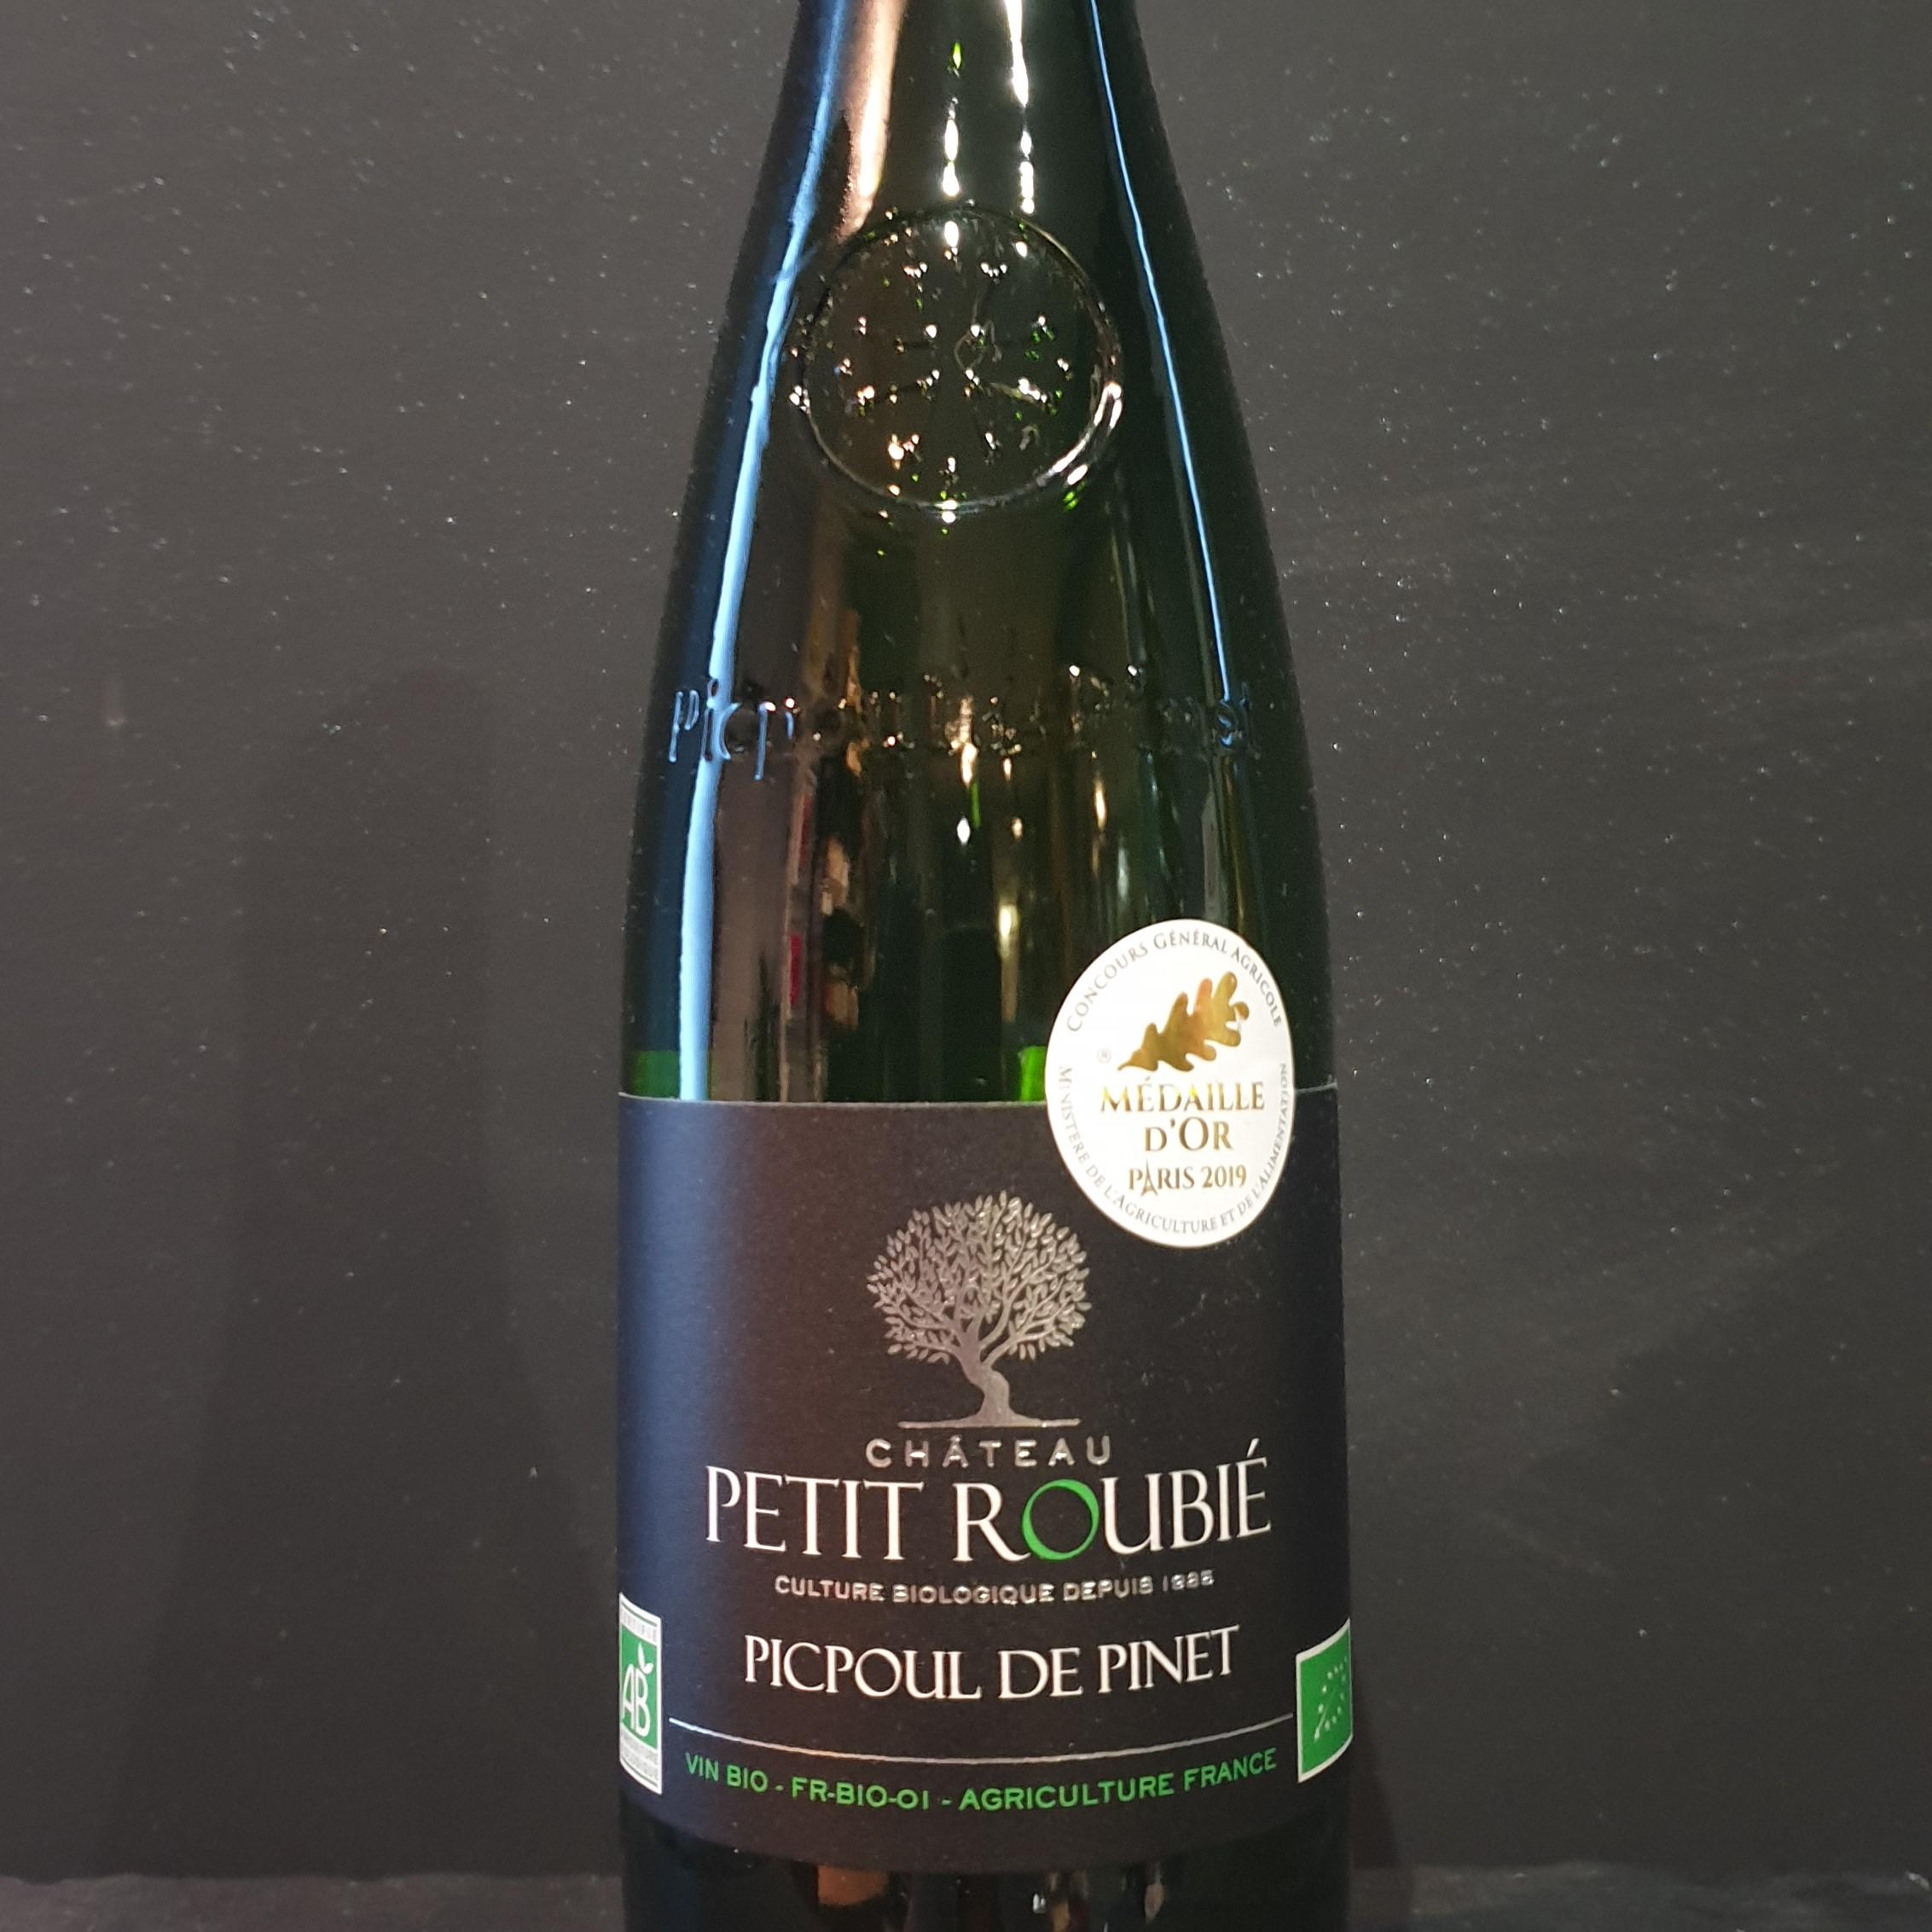 Petit Roubie Picpoul de Pinet